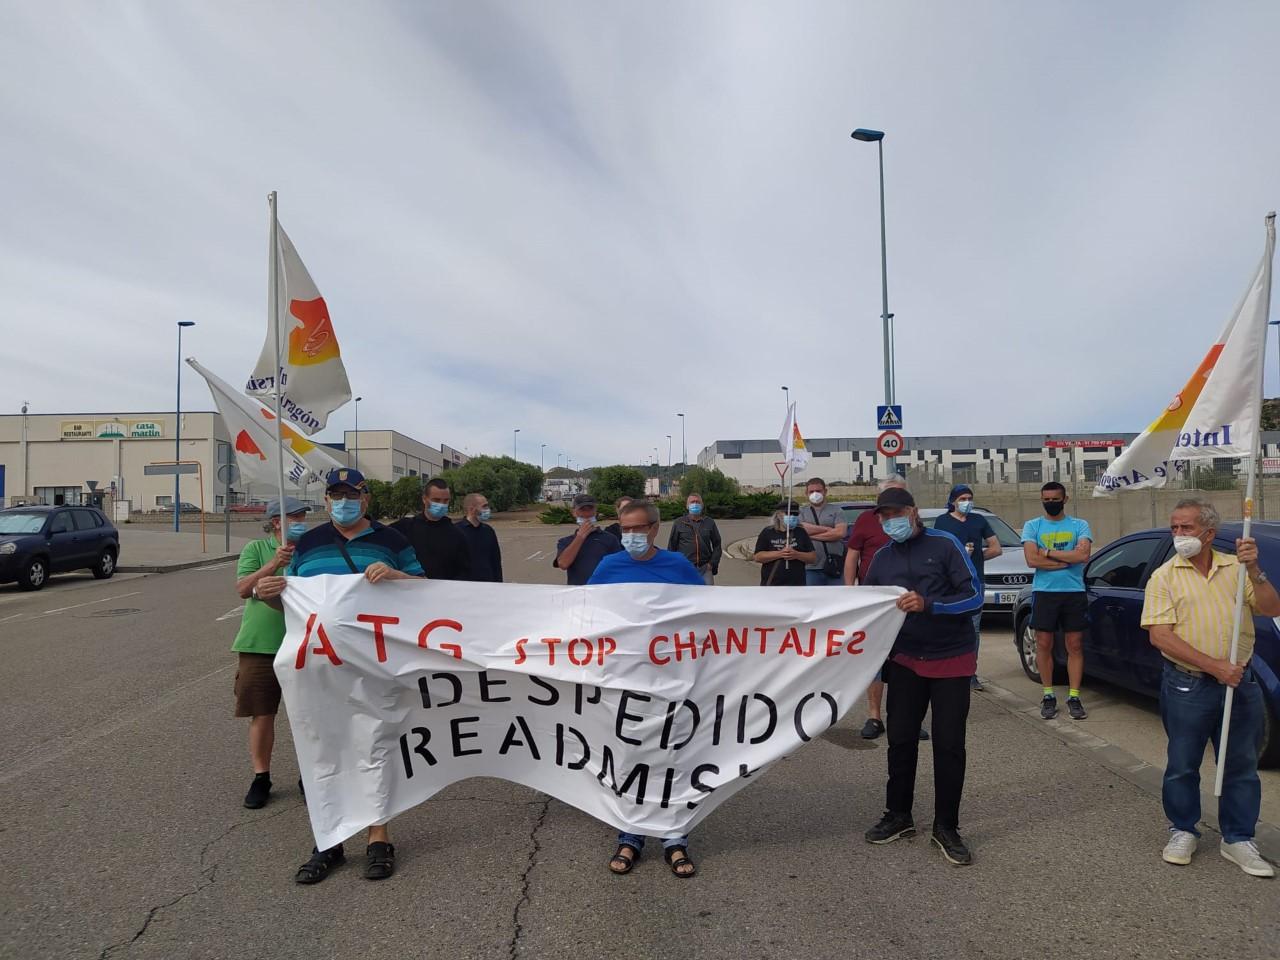 ¡¡ Despedido, Readmisión!! ¿ATG chantajea a los trabajador@s? Video y fotos